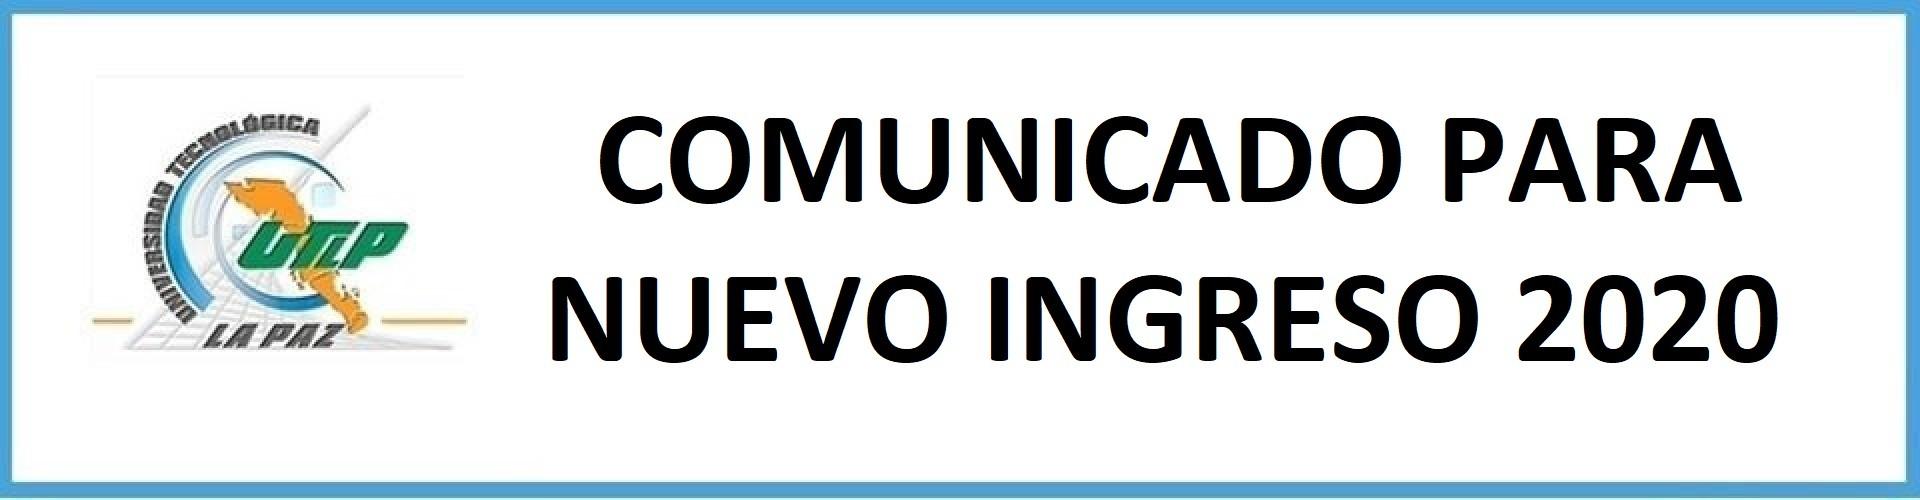 COMUNICADO NUEVO INGRESO 2020